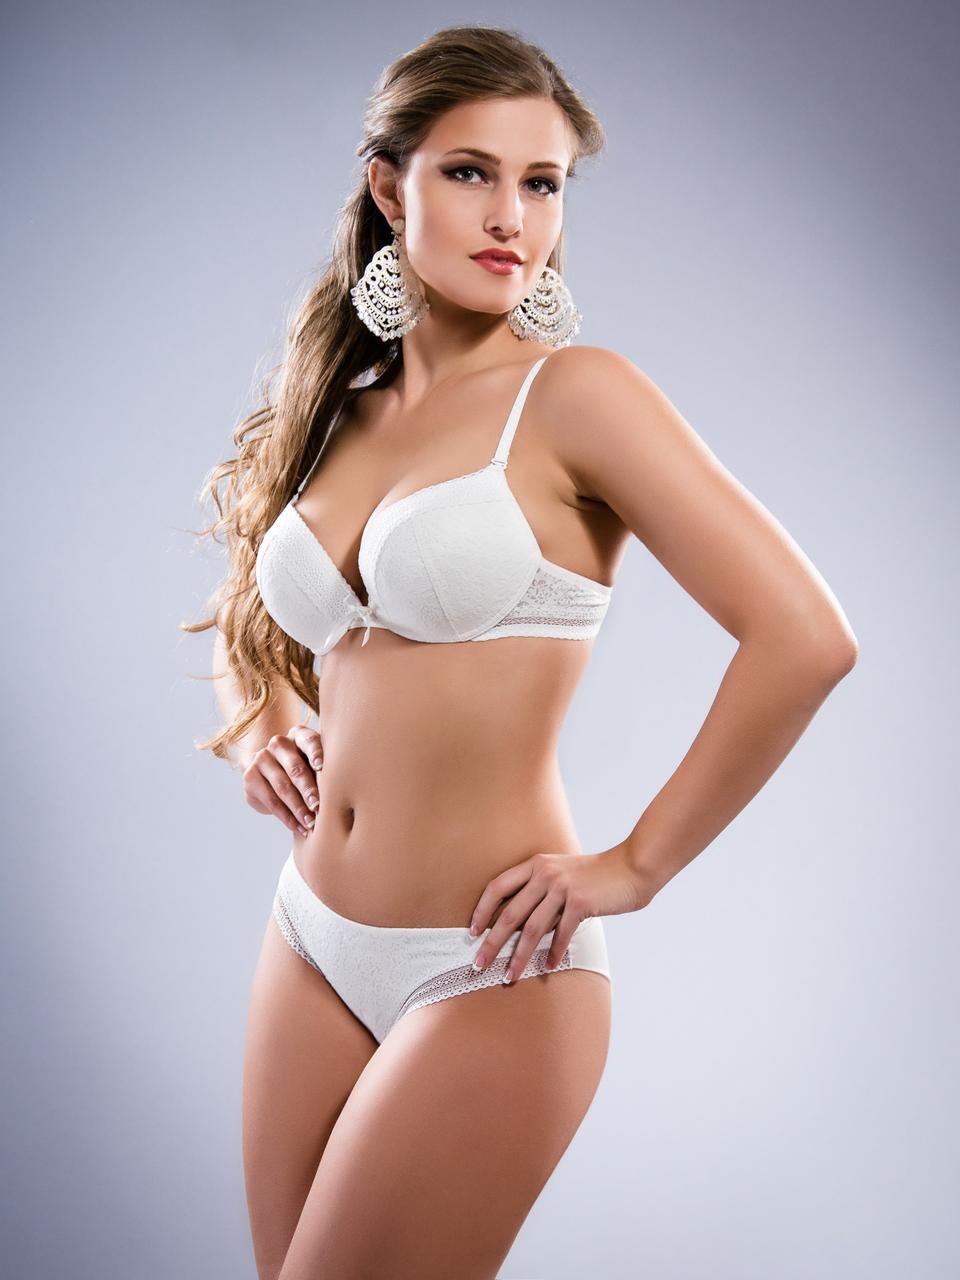 Комплект женского нижнего белья Acousma A6358-2D-P6358H оптом, чашка D, цвет Молочный